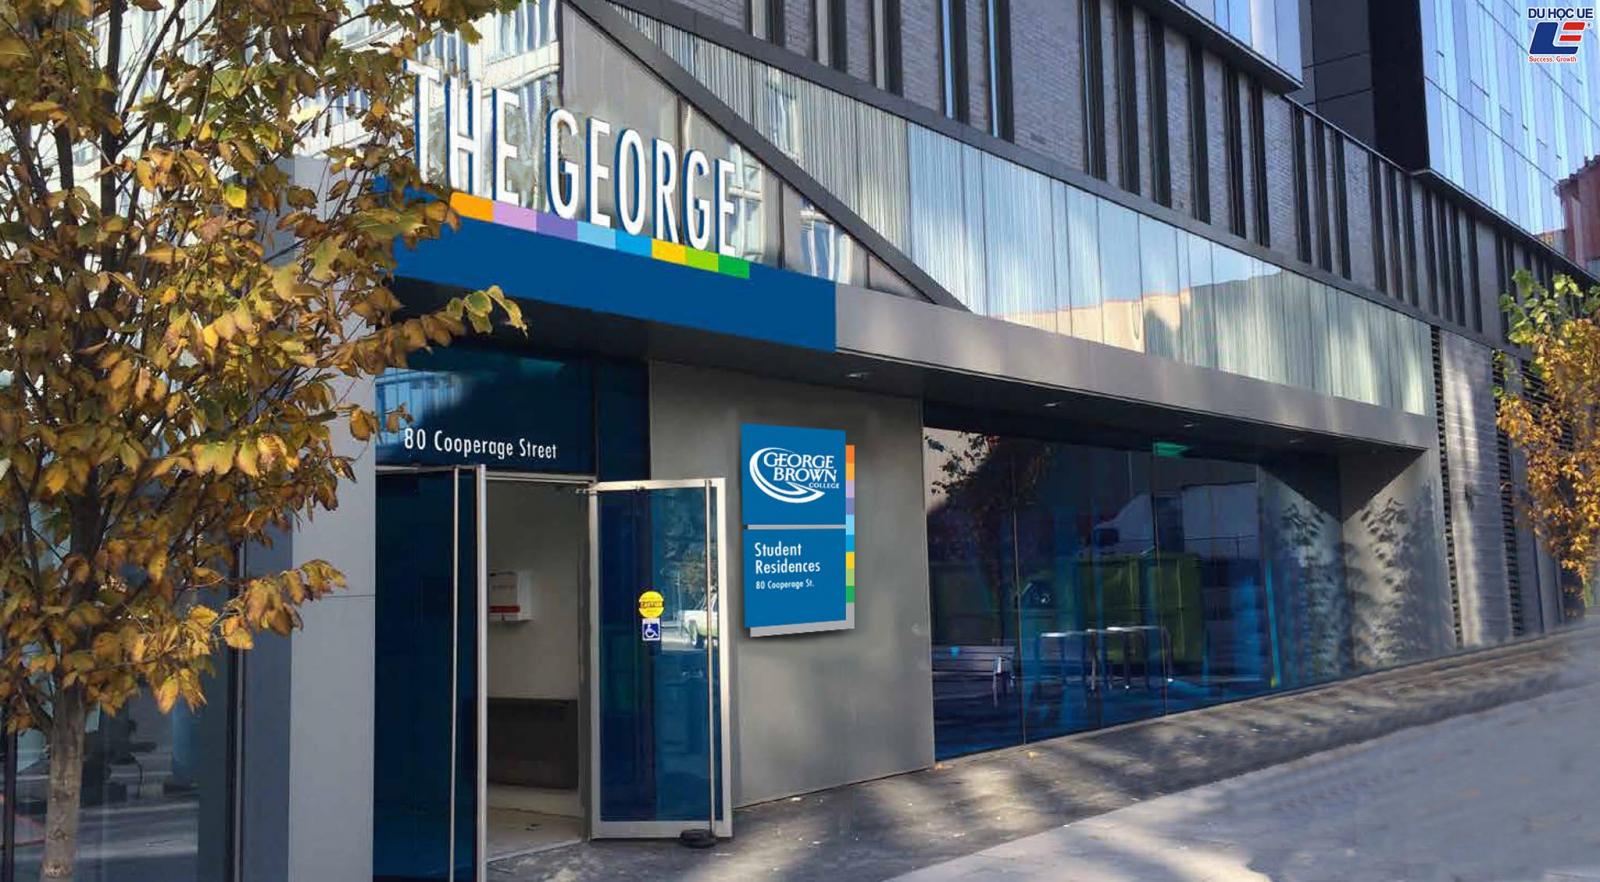 Du học học bổng tại George Brown College, Toronto - Biểu tượng phồn thịnh của Canada 2